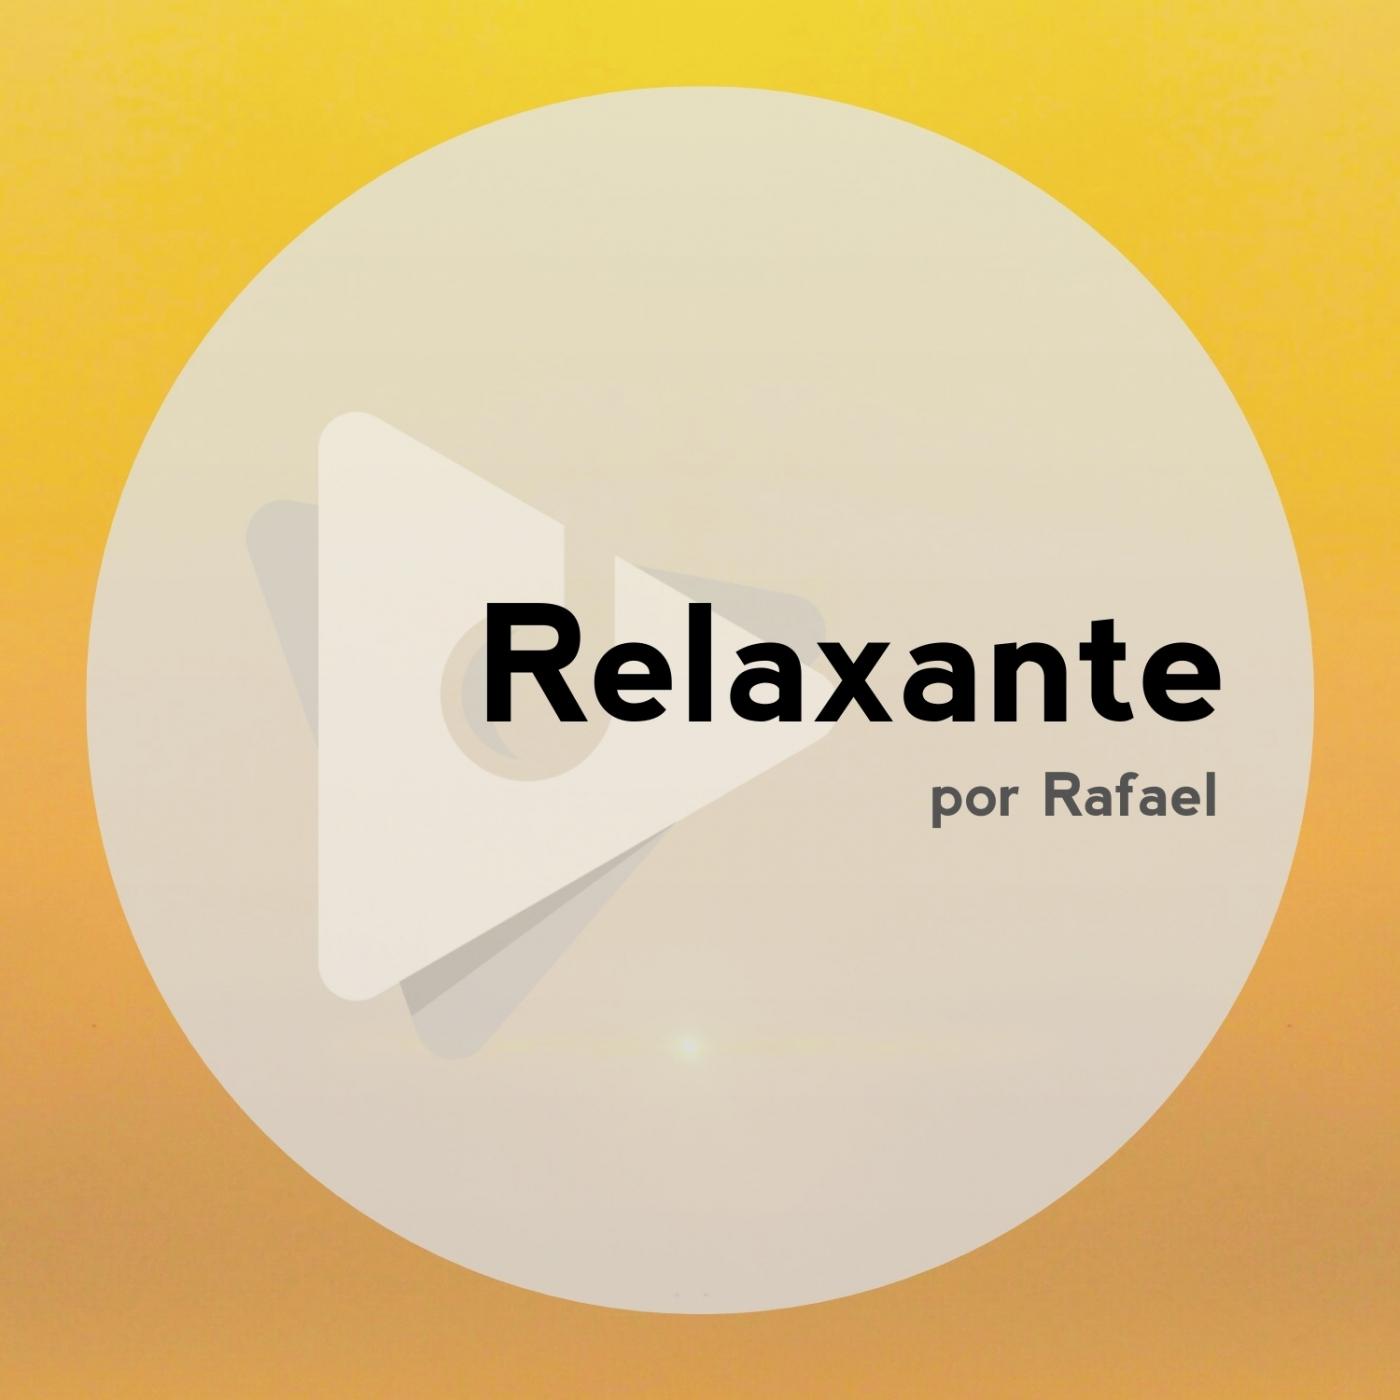 Relaxante: Por Rafael